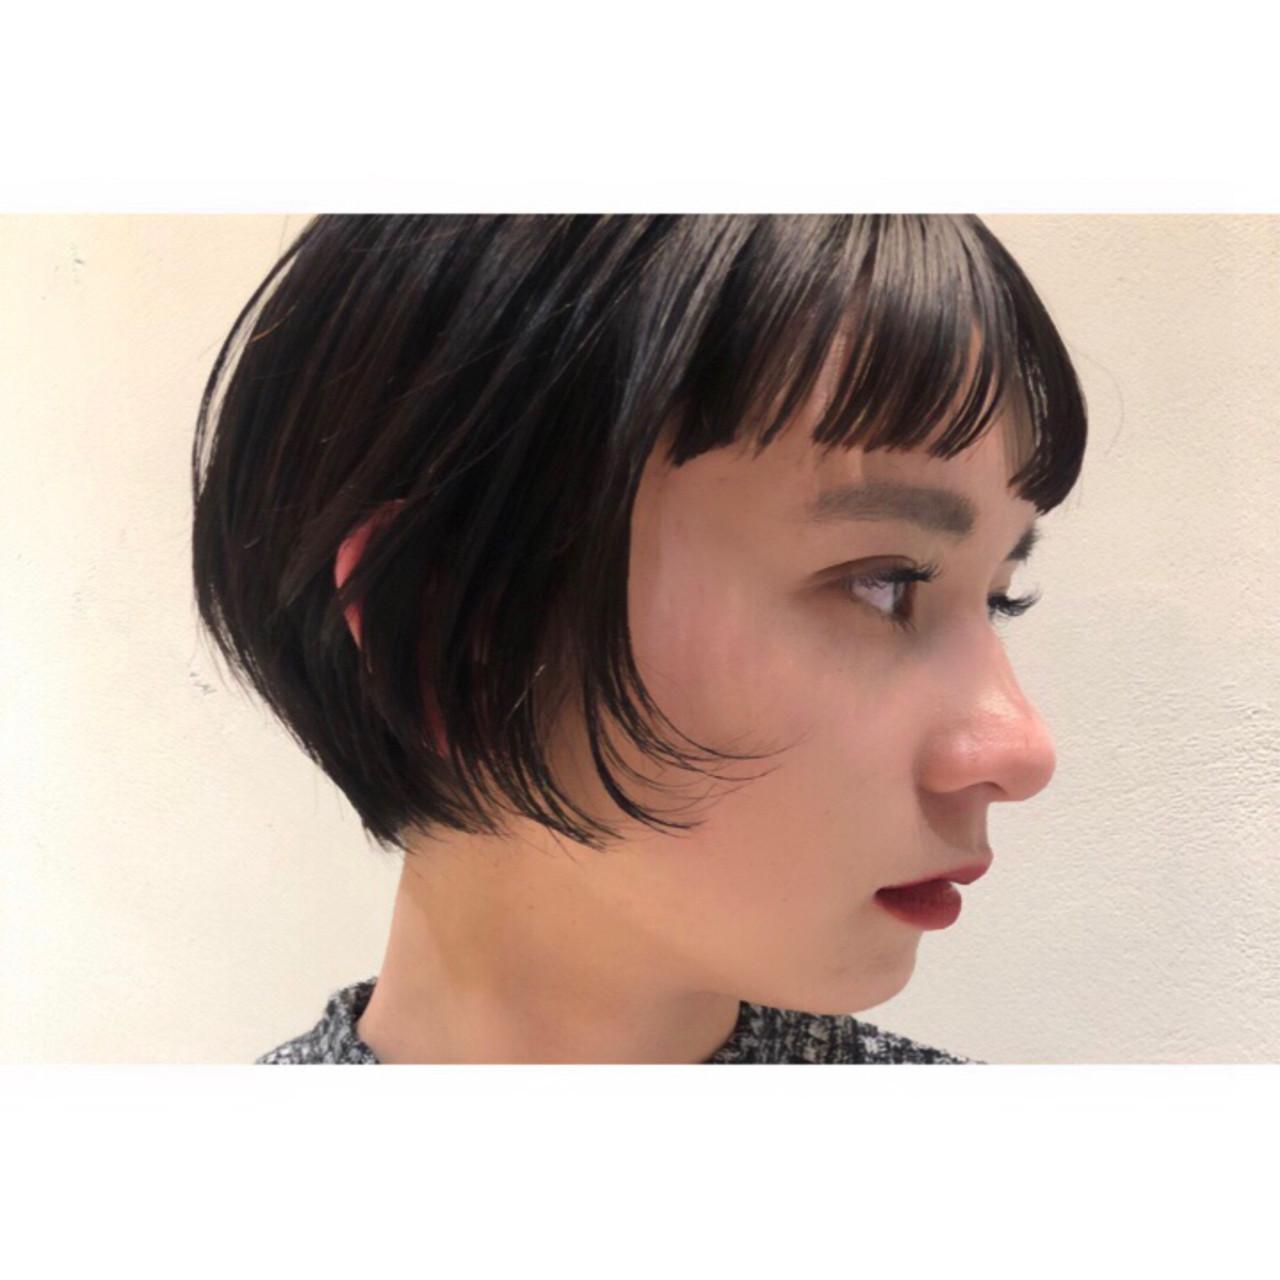 オン眉でキュート♡外国人風ワンカールボブ 細矢裕輔